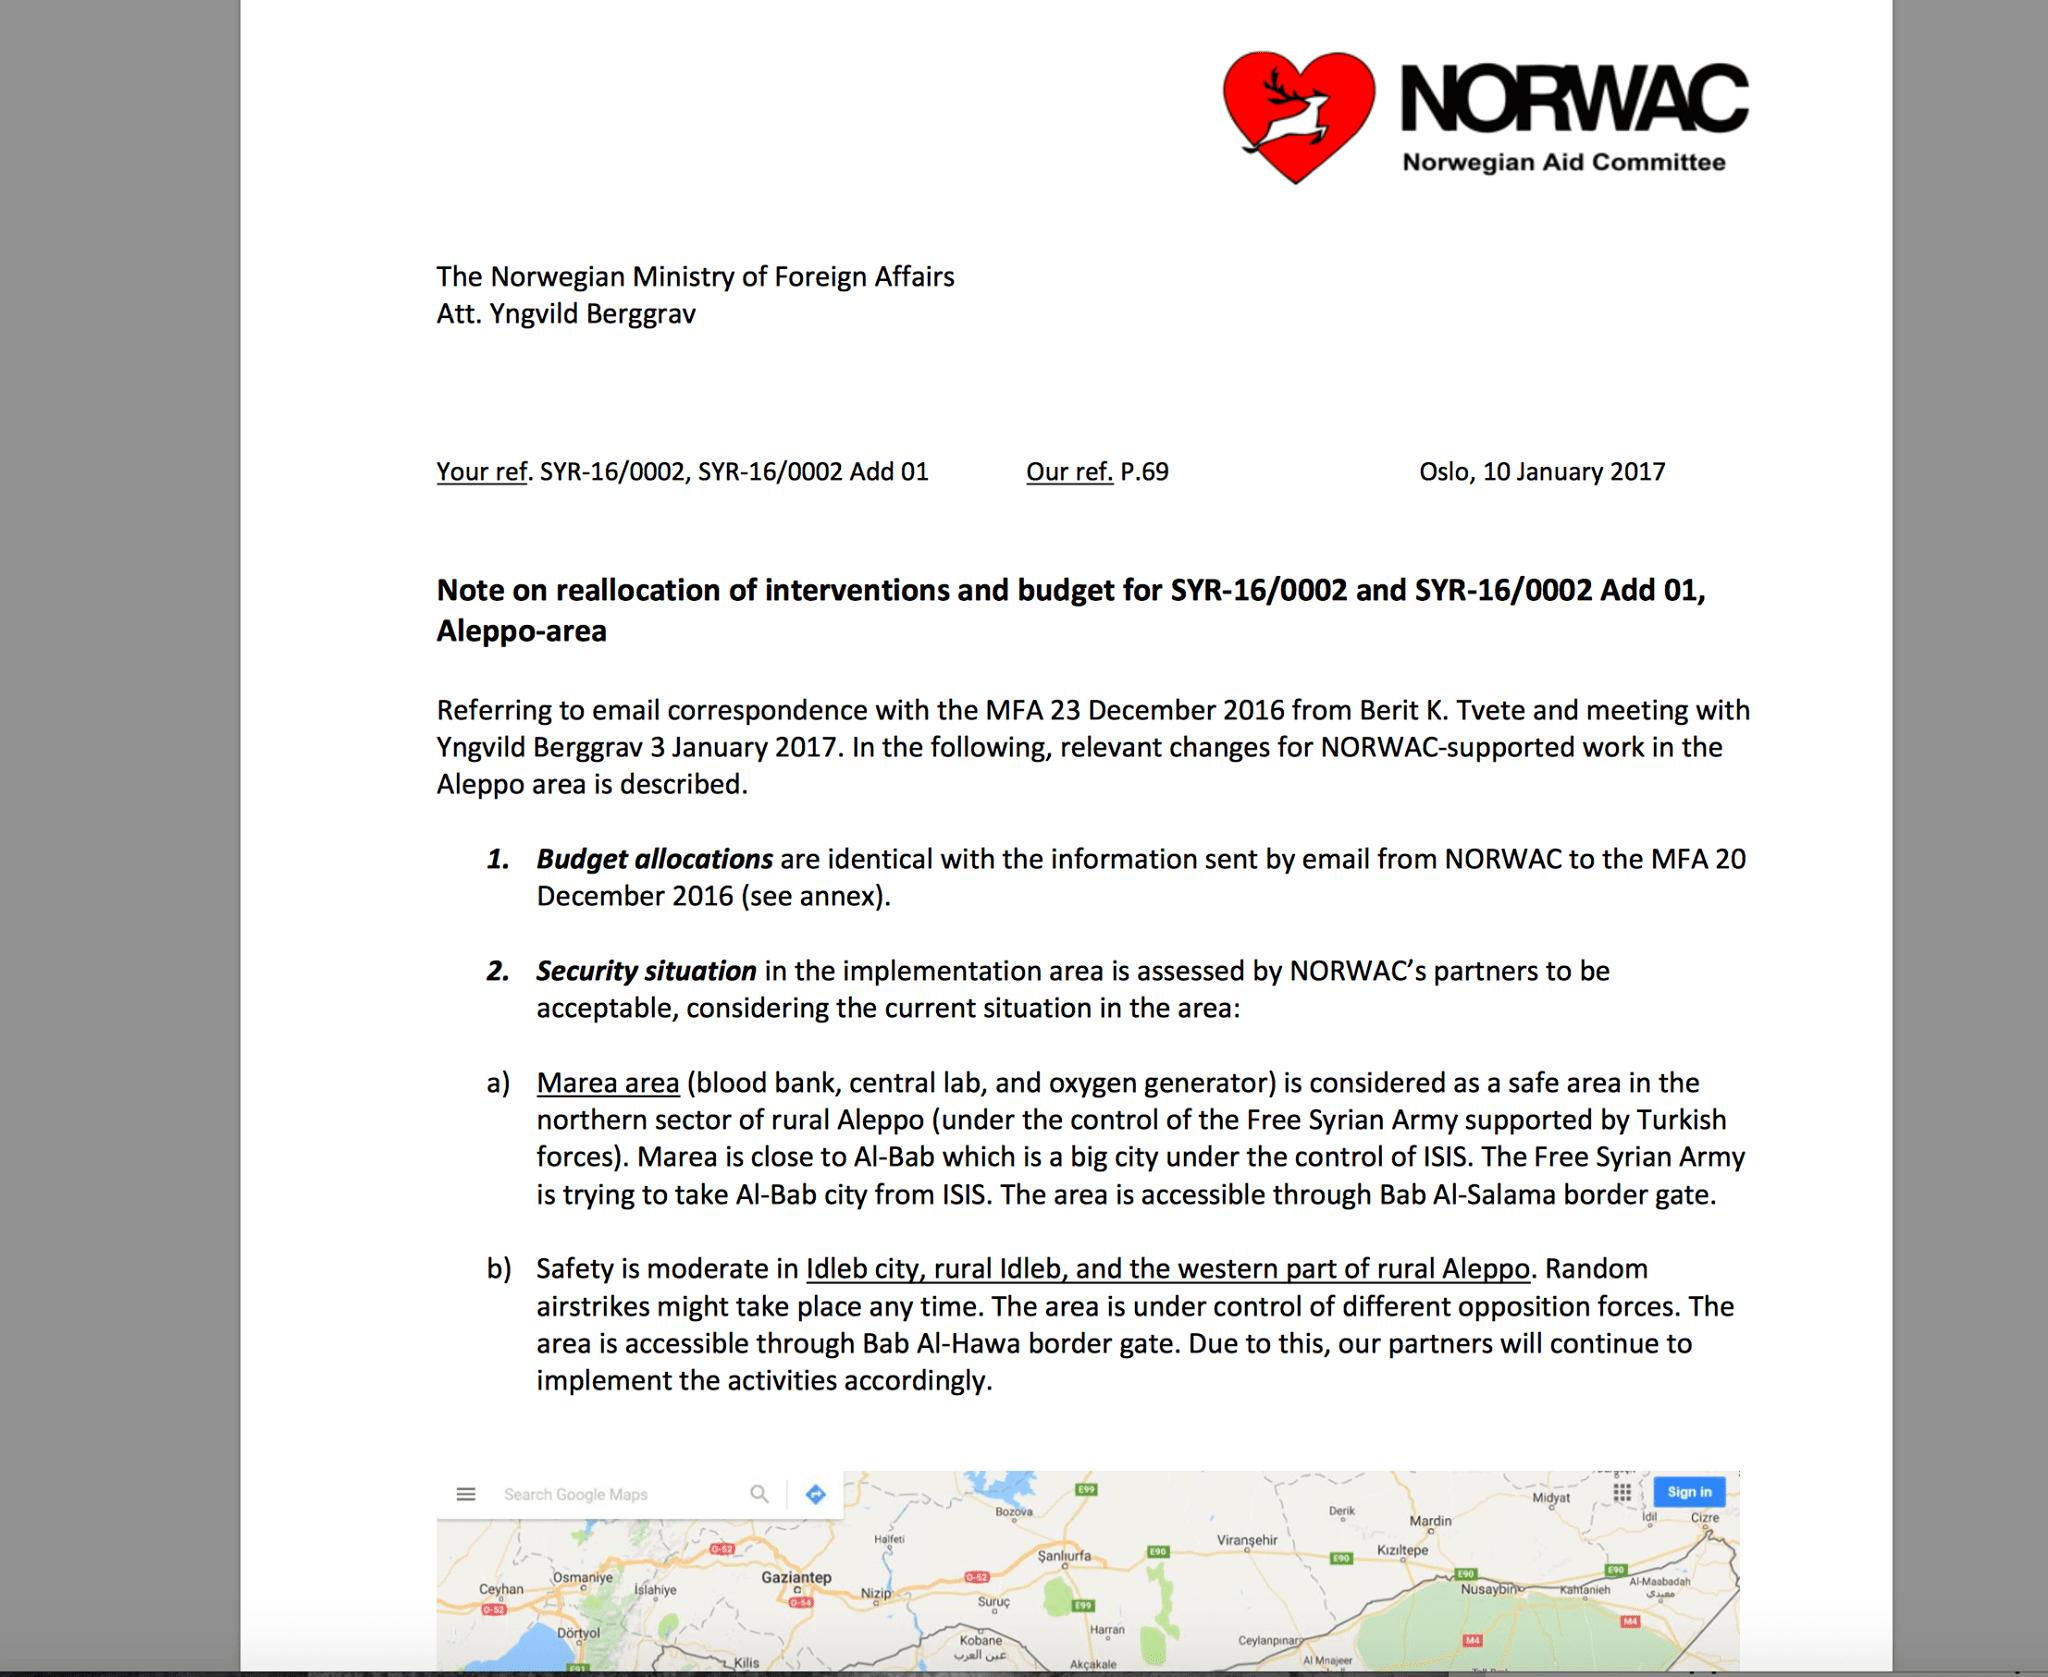 Foto: NORWAC brev til UD